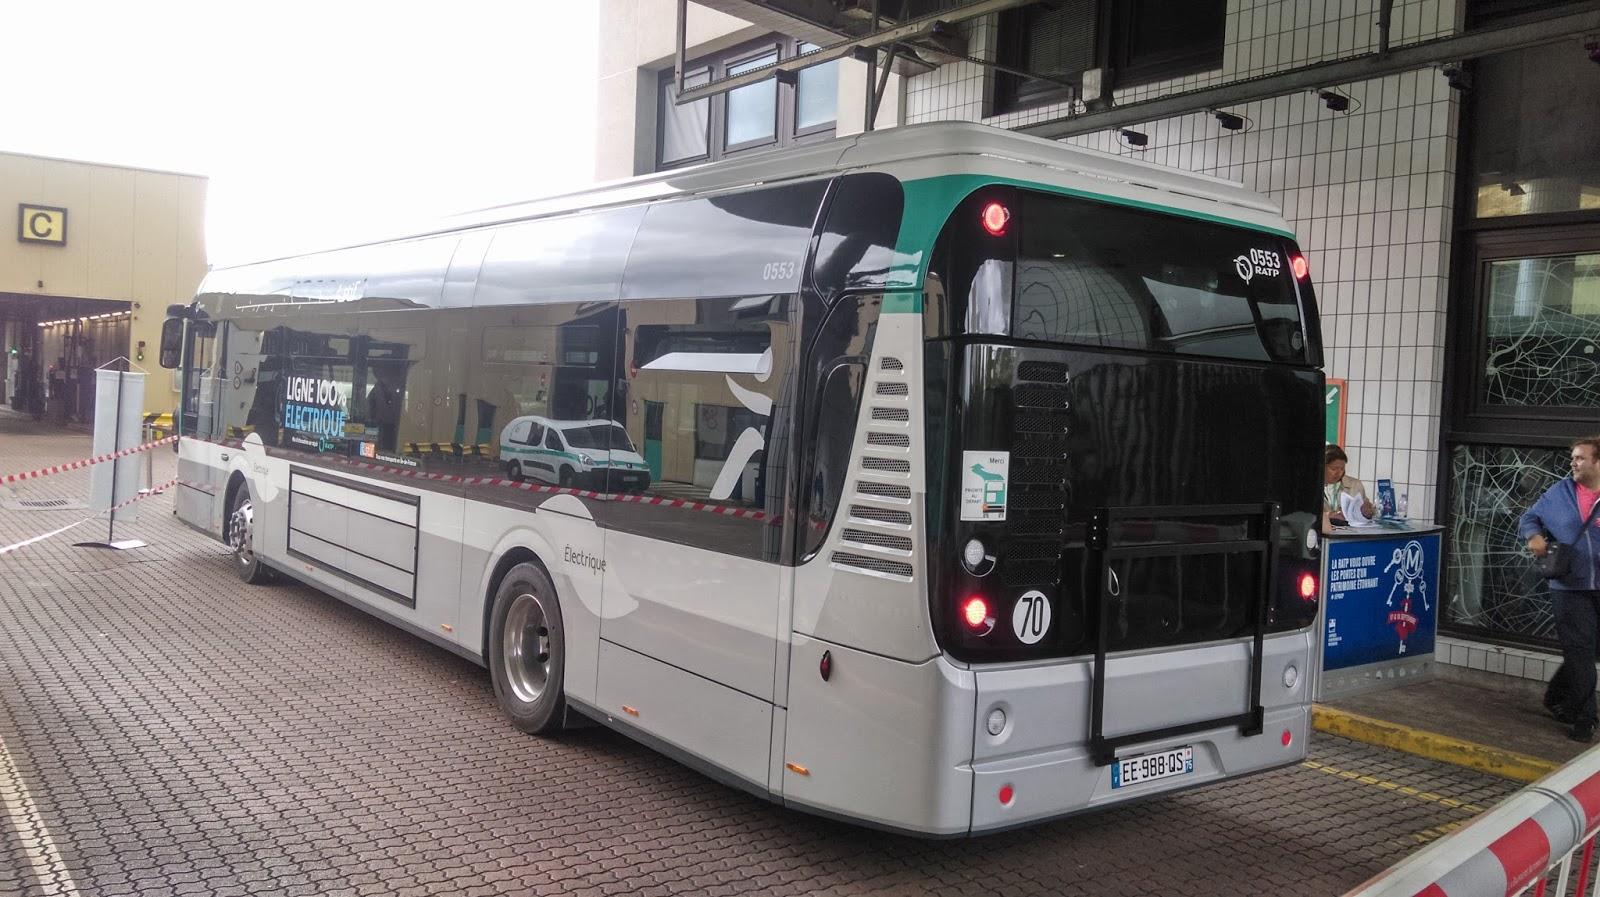 l u0026 39 arriv u00e9e des bollor u00e9 bluebus 12m sur la ligne de bus ratp 341  belliard  et du mat u00e9riel moderne